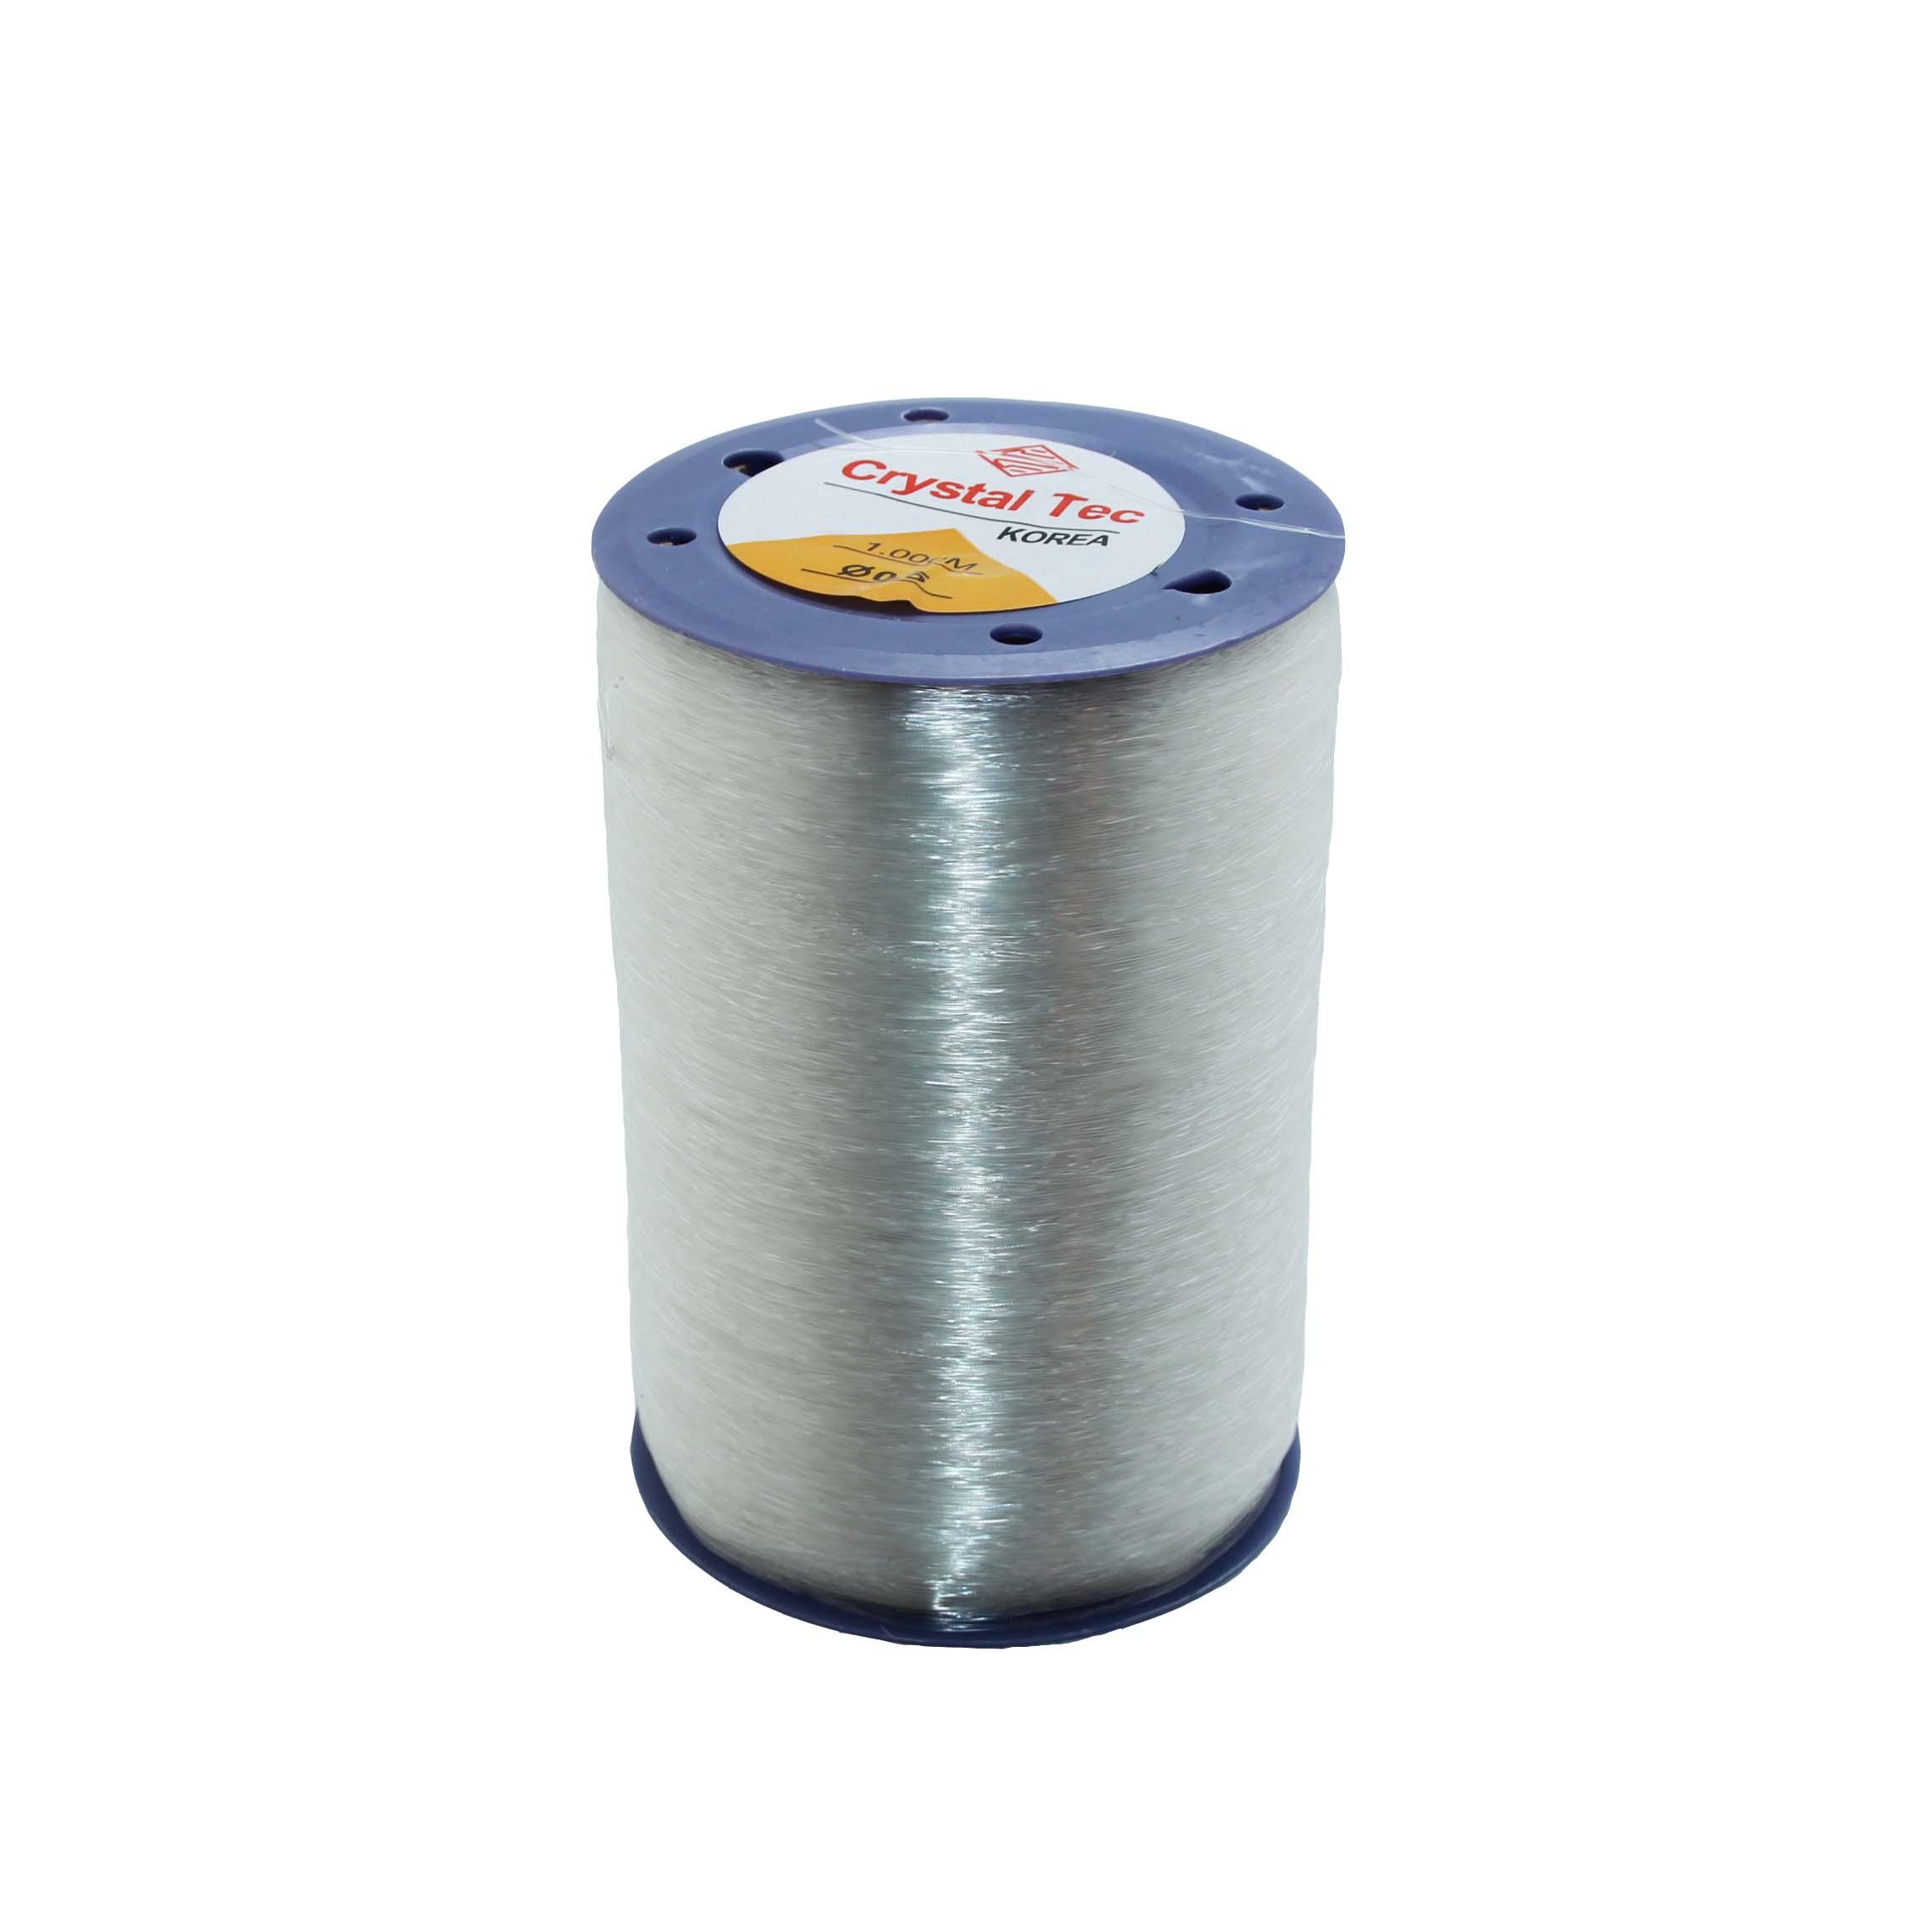 Нить силиконовая 0,5 мм (1000м)